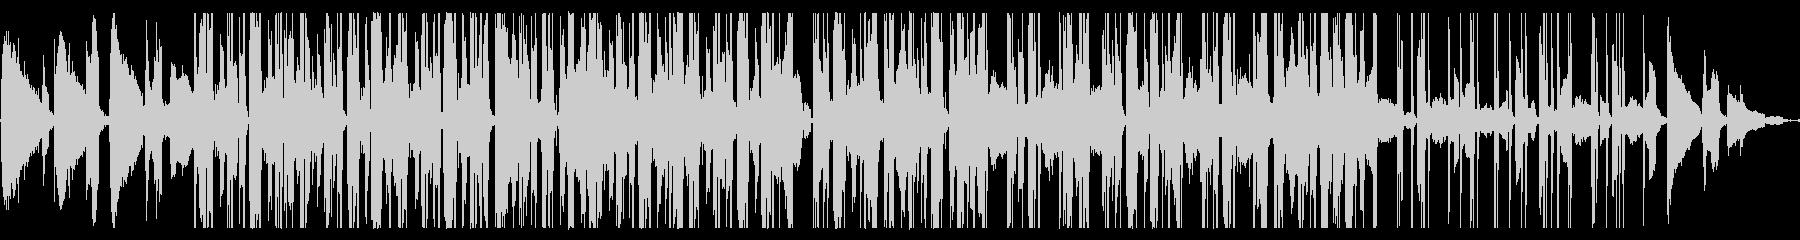 ヒップホップでレトロな曲の未再生の波形